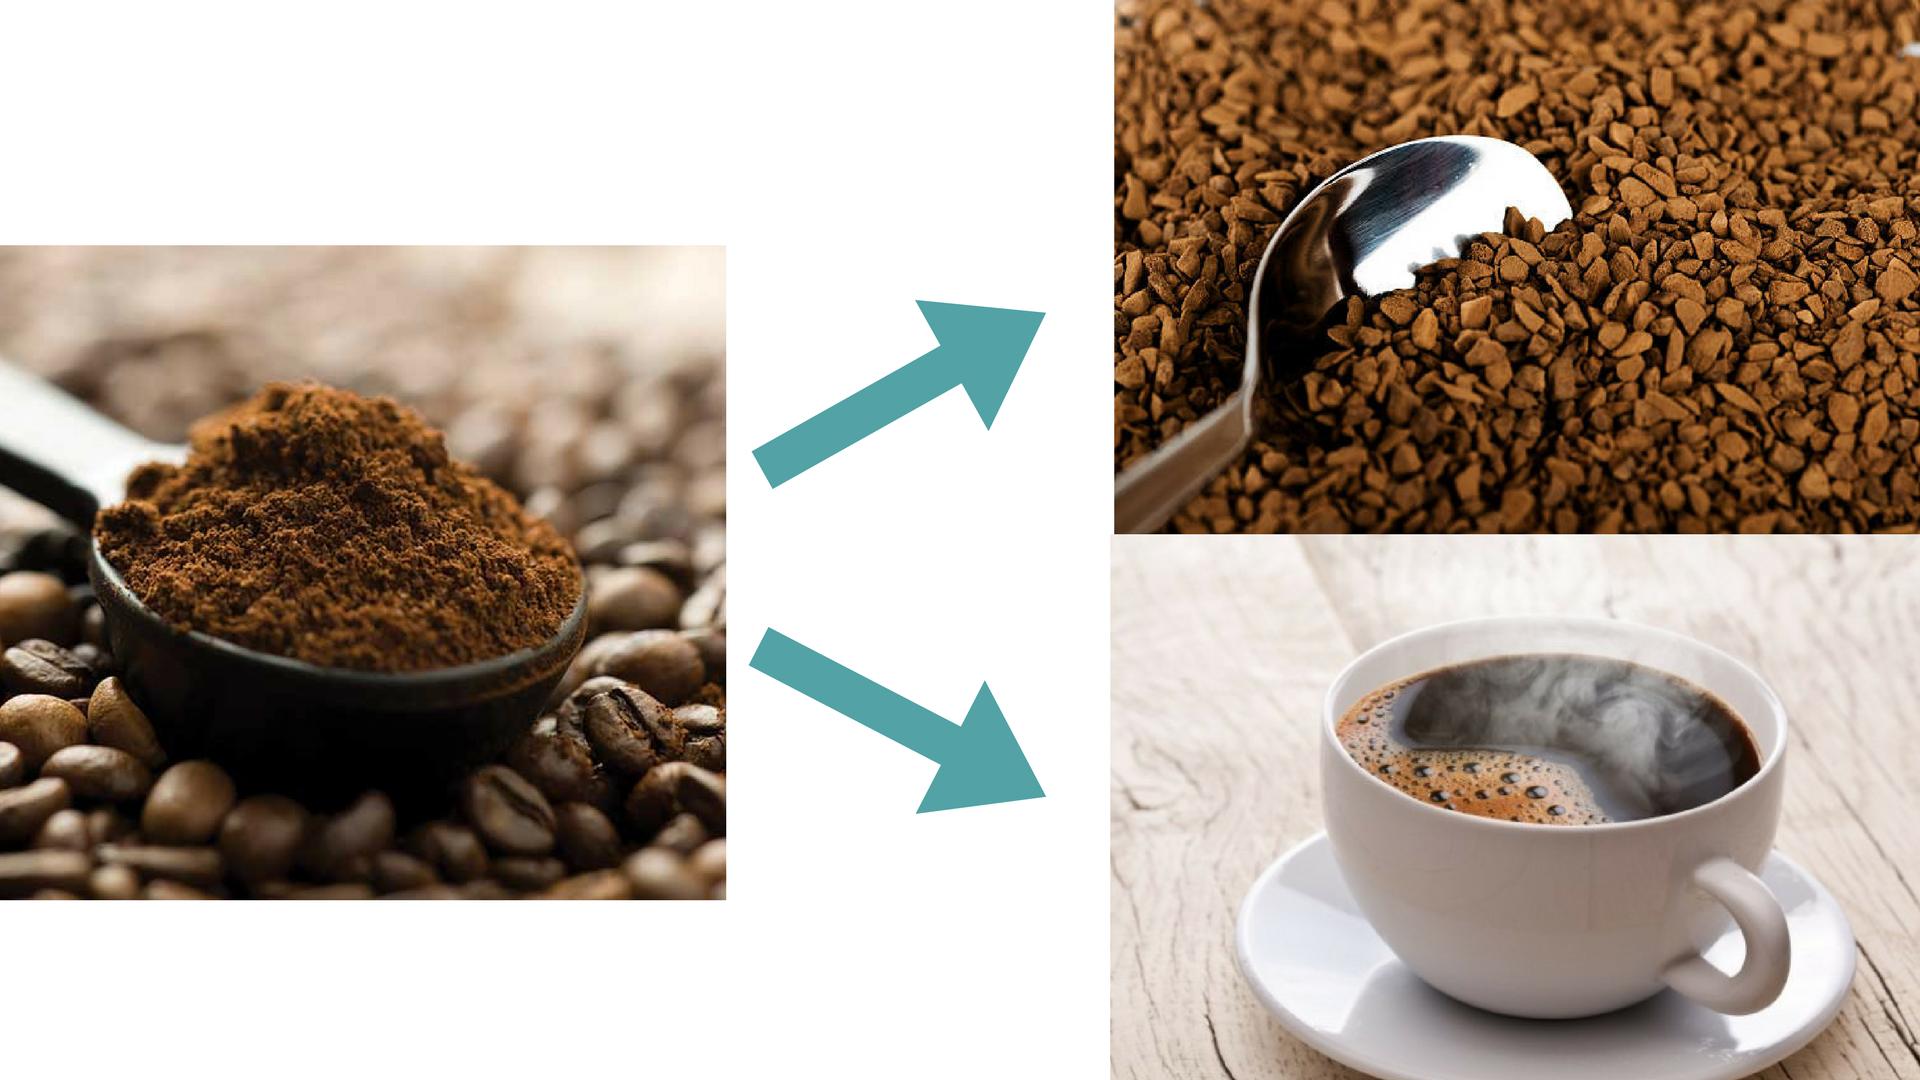 Чим замінити натуральну каву в рецептах   Поради господині   Блог Наталі